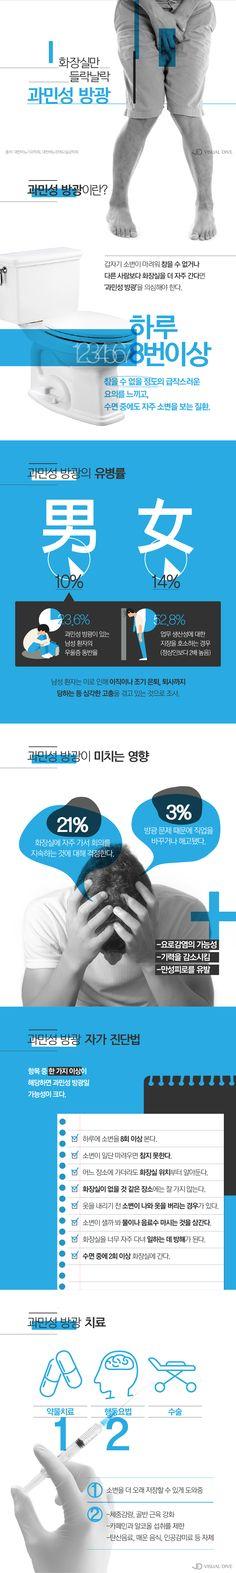 화장실 들락날락…과민성 방광, 증상과 예방법은? [인포그래픽] #bladder / #Infographic ⓒ 비주얼다이브 무단 복사·전재·재배포 금지